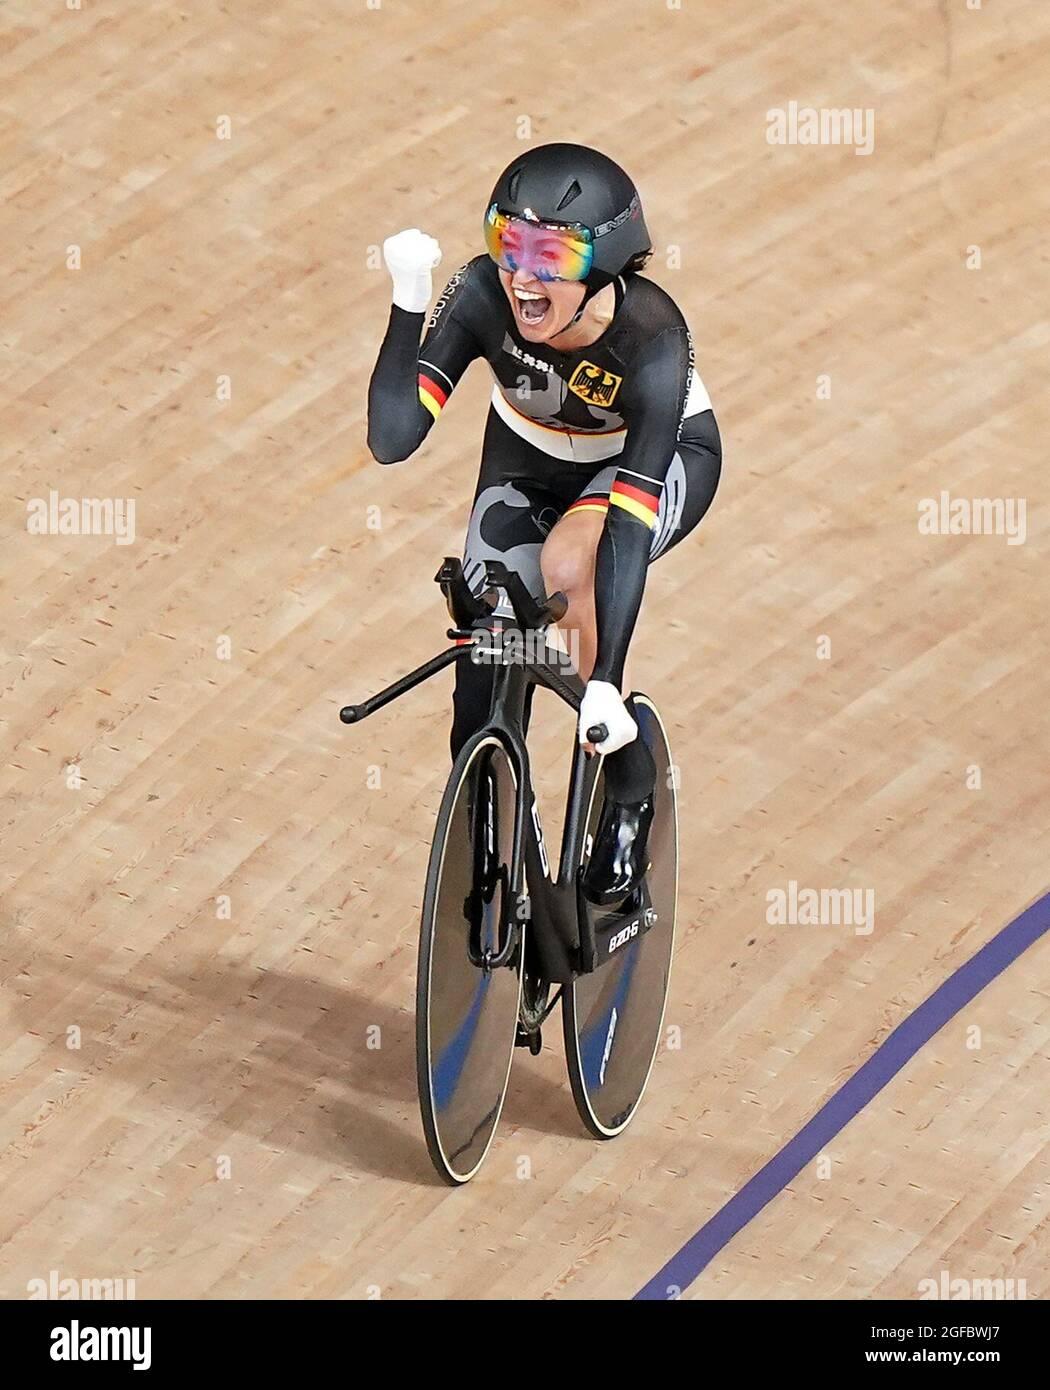 Denise Schindler, in Germania, celebra il Bronzo vincente nella Pursuit individuale C1-3 3000 m delle donne durante la pista ciclistica al Velodrome di Izu il giorno uno dei Giochi Paralimpici di Tokyo 2020 in Giappone. Data foto: Mercoledì 25 agosto 2021. Foto Stock